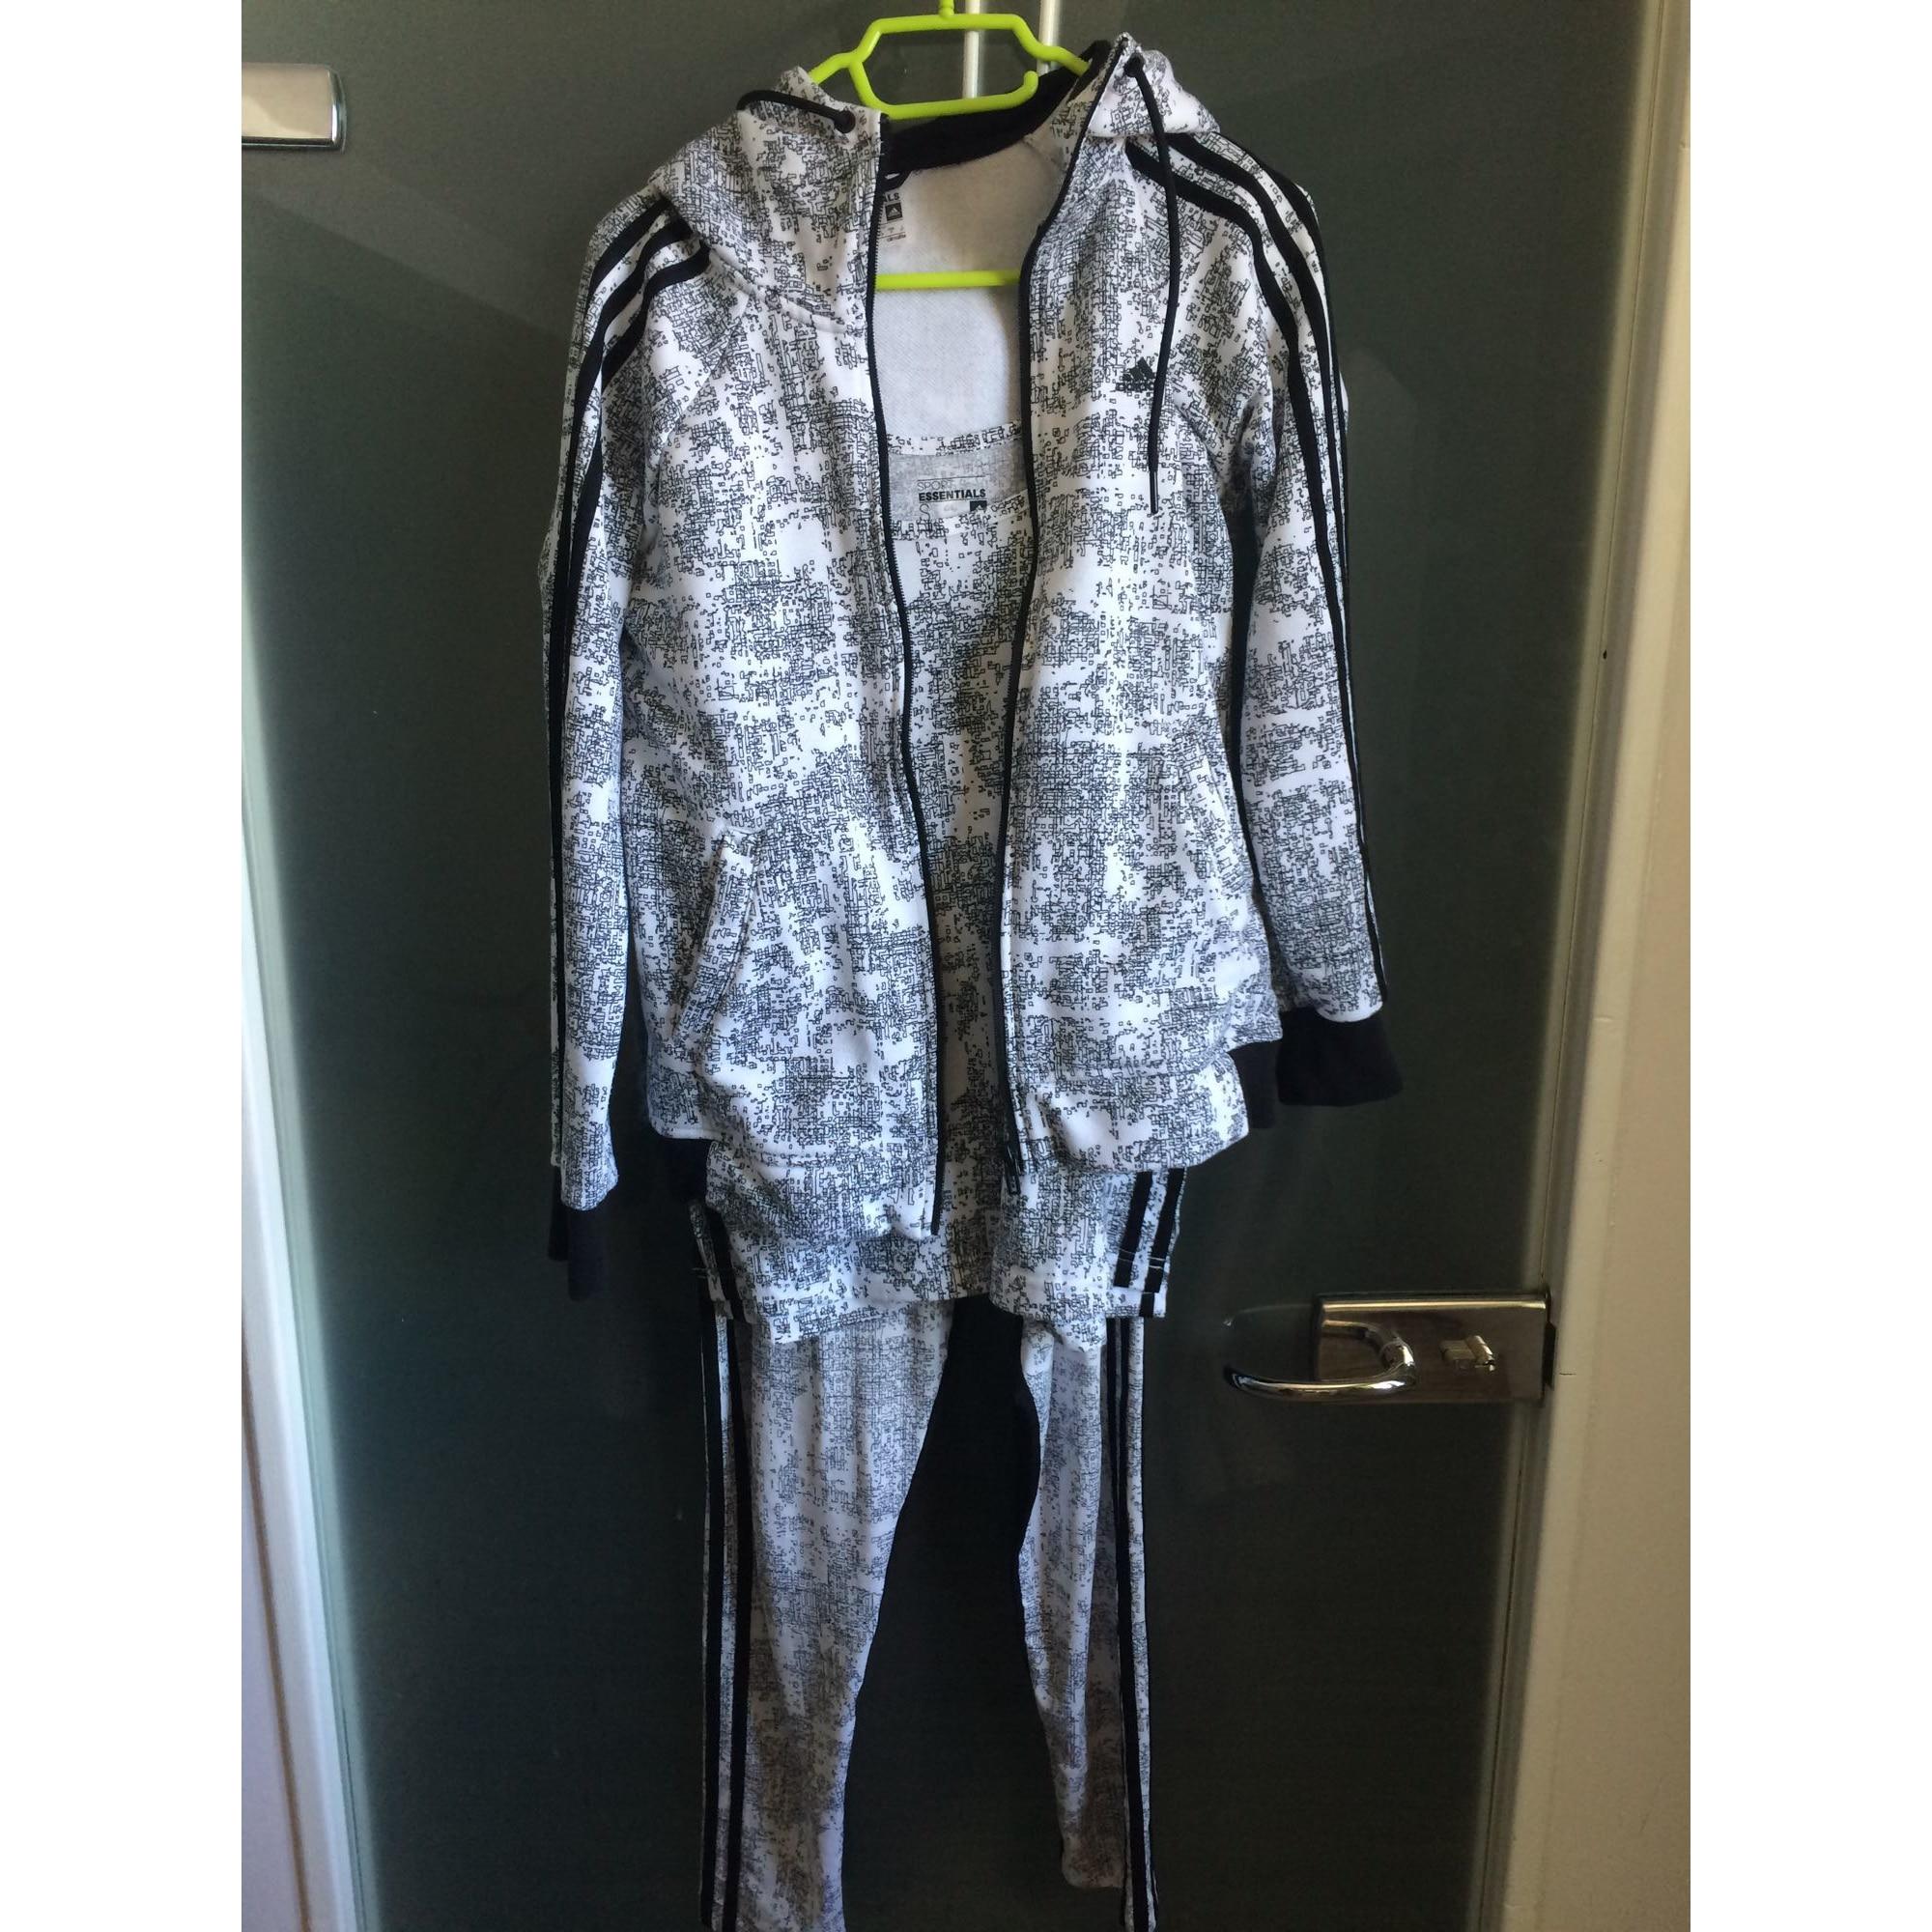 49459fb0ac662 Ensemble jogging ADIDAS 38 (M, T2) noir et blanc vendu par Virginie ...